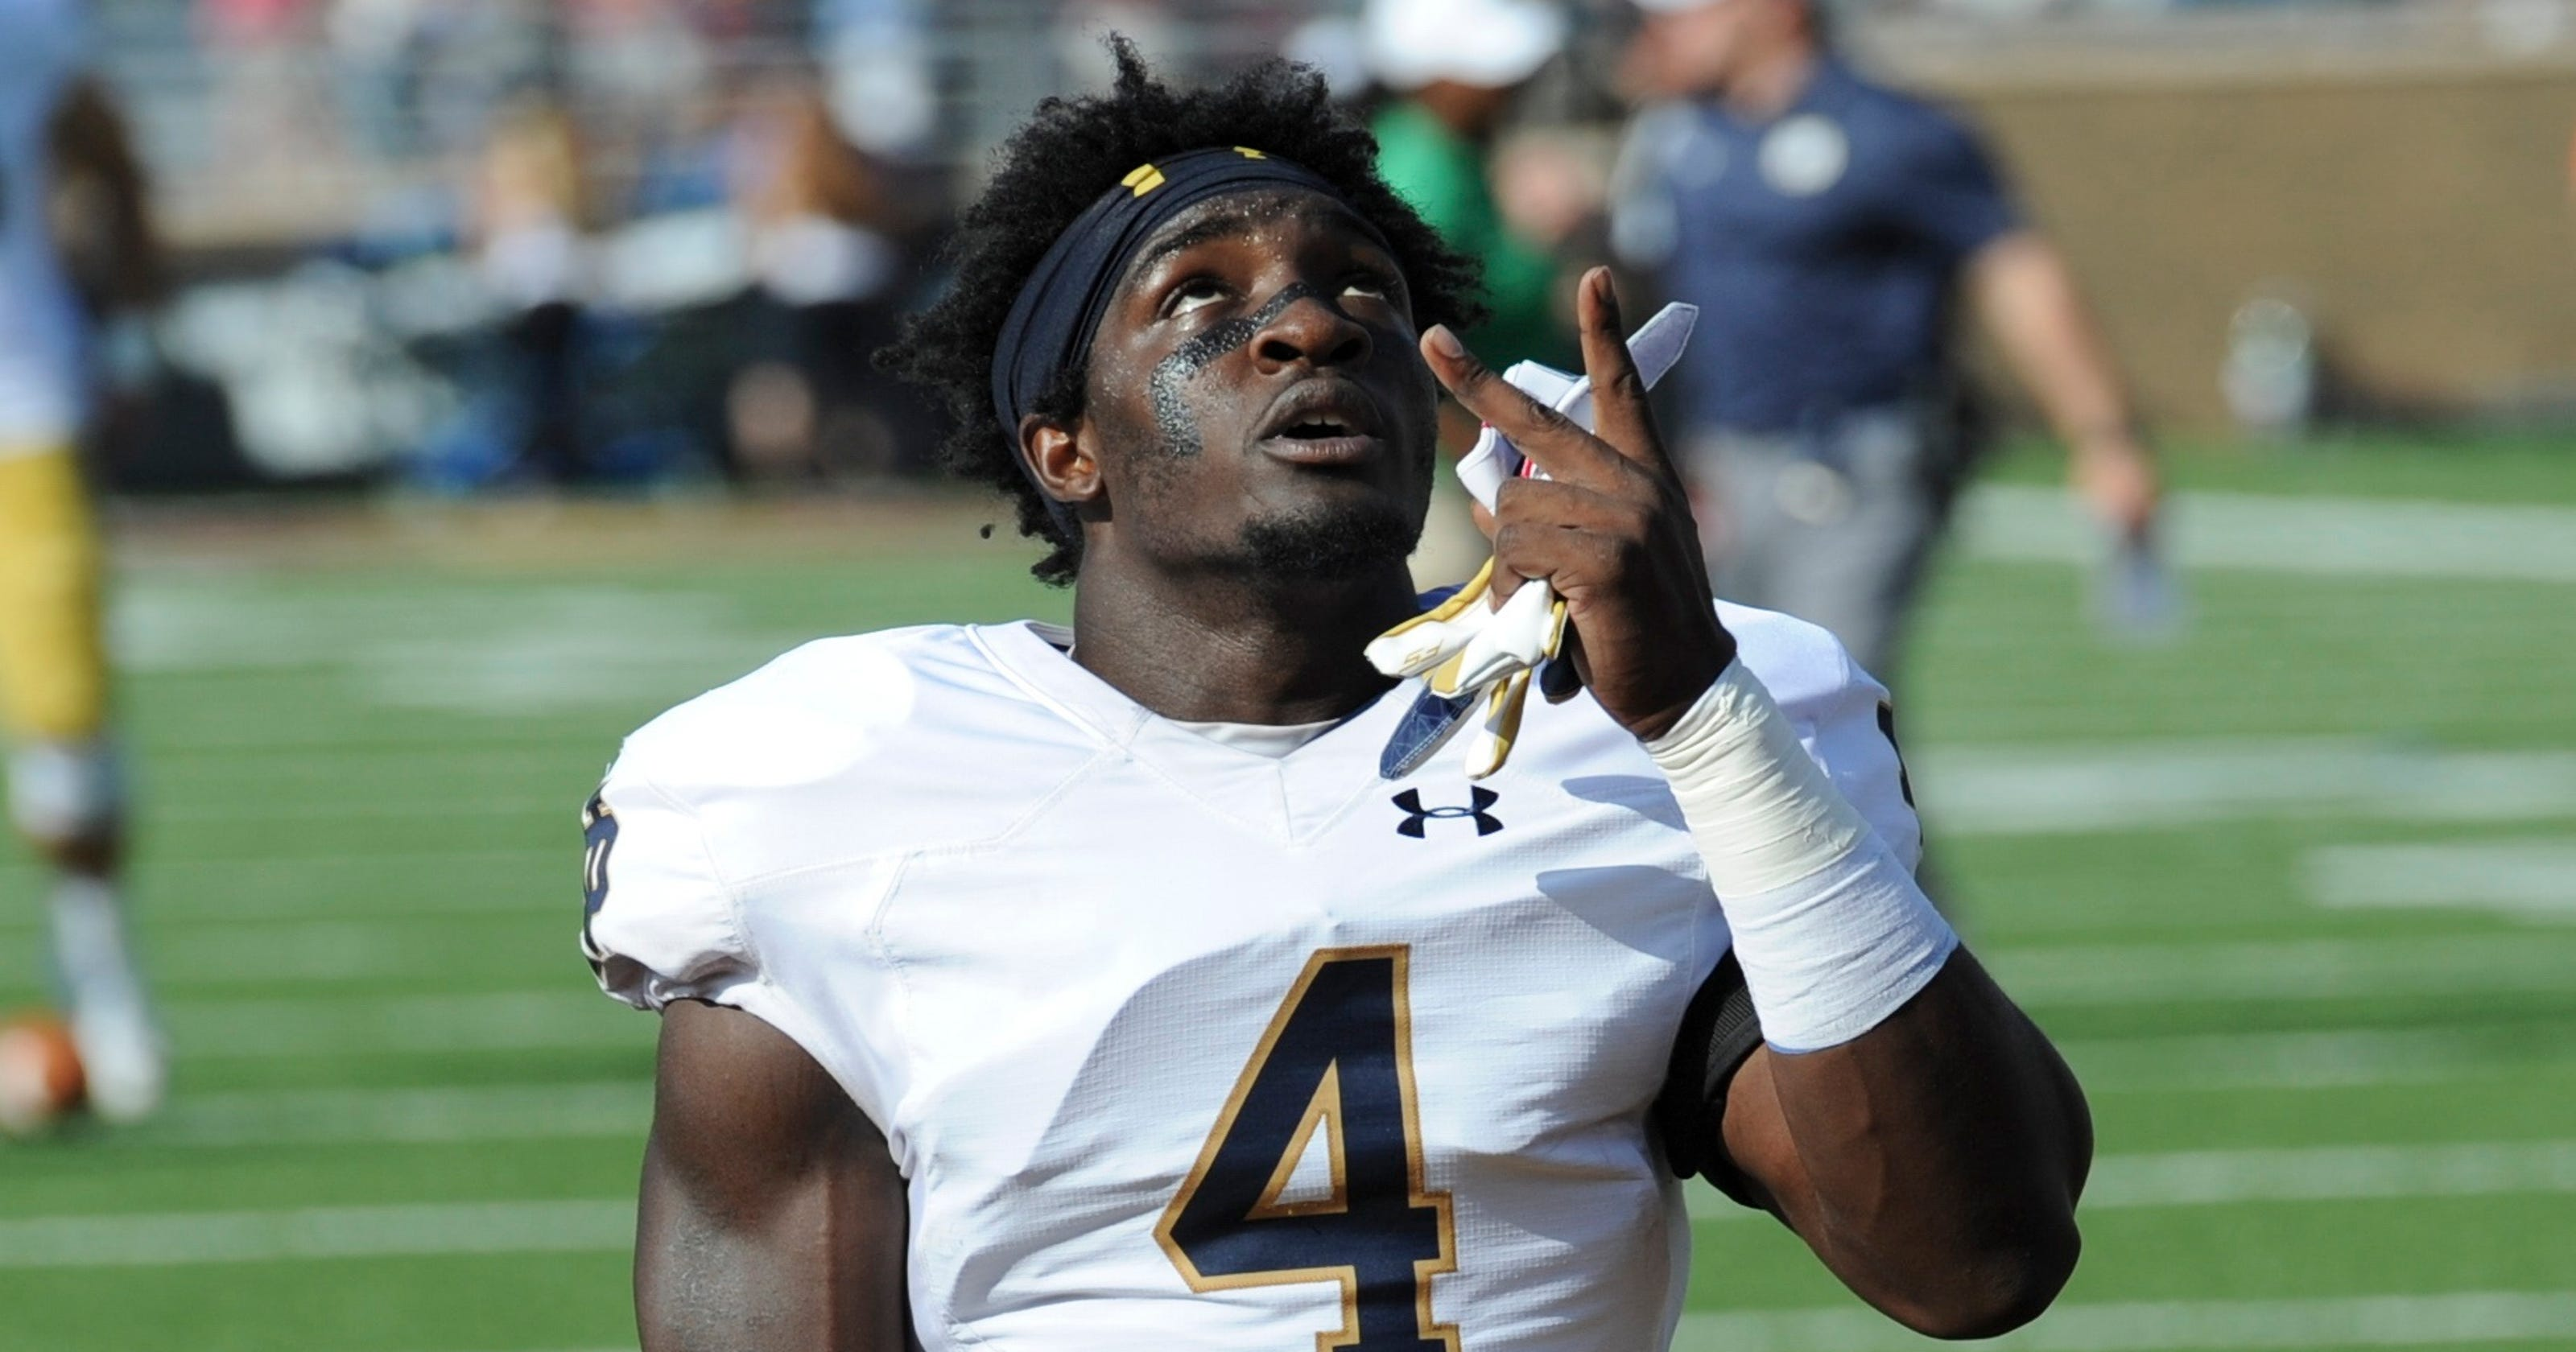 hot sale online 3dede 9b9df Notre Dame football linebacker Coney gets probation over ...